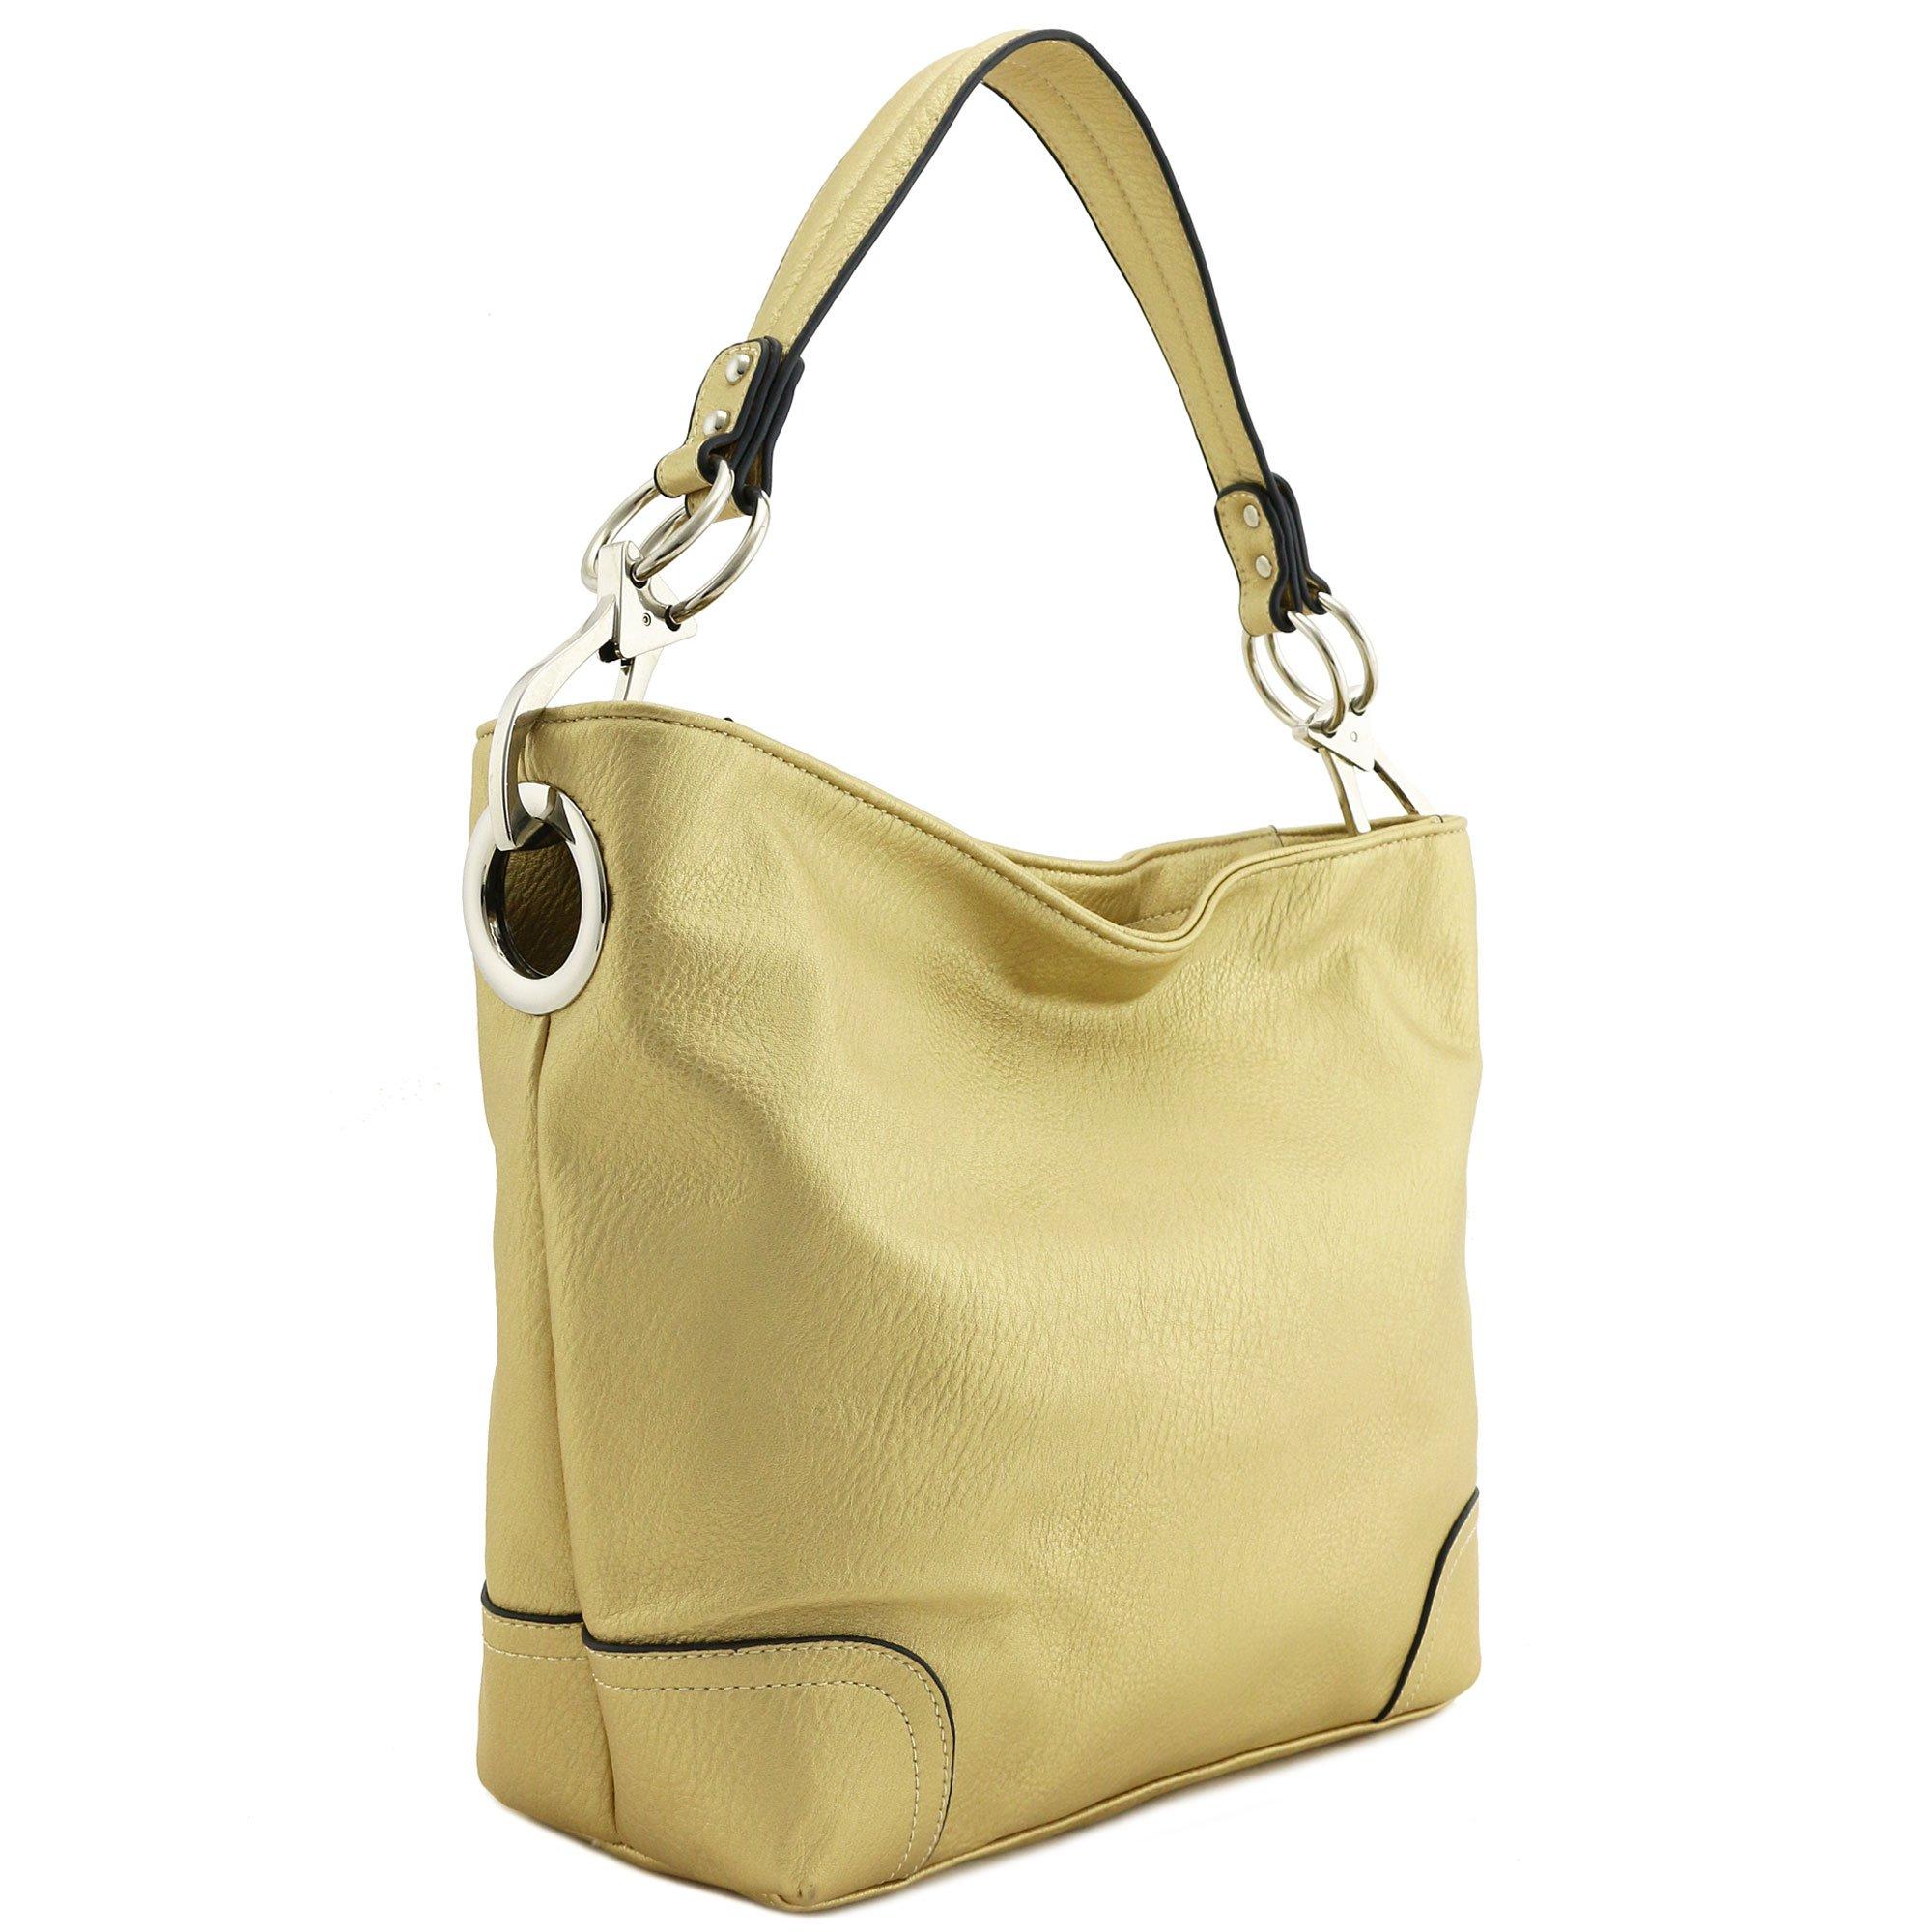 Hobo Shoulder Bag with Big Snap Hook Hardware (Gold)